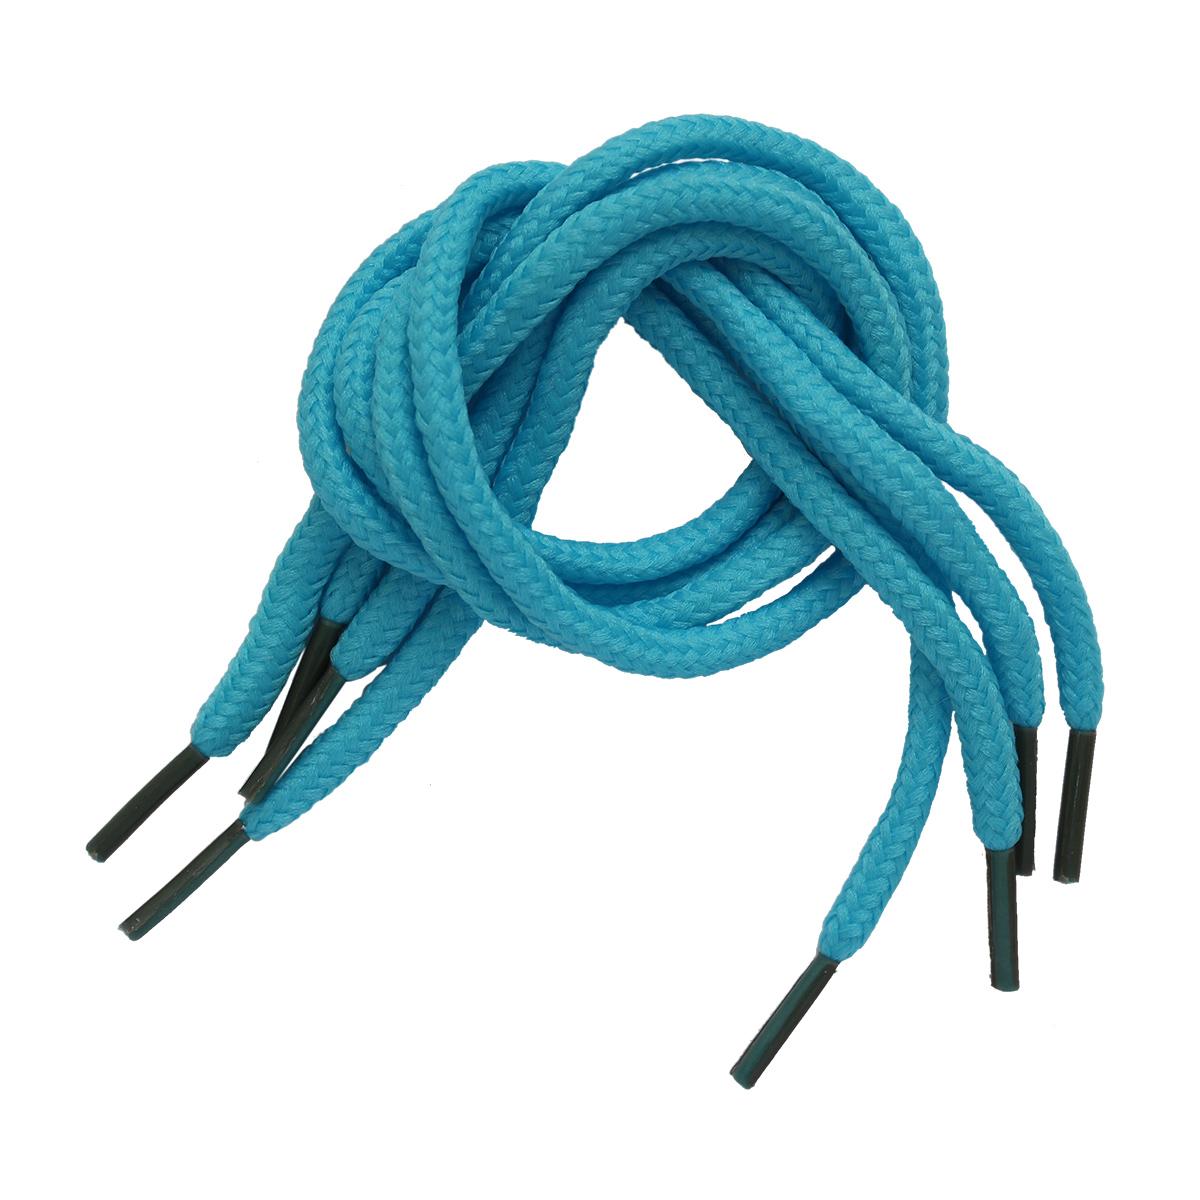 25389 Шнурки обувные для игрушек, 2,5мм*30см, 2 пары, голубые